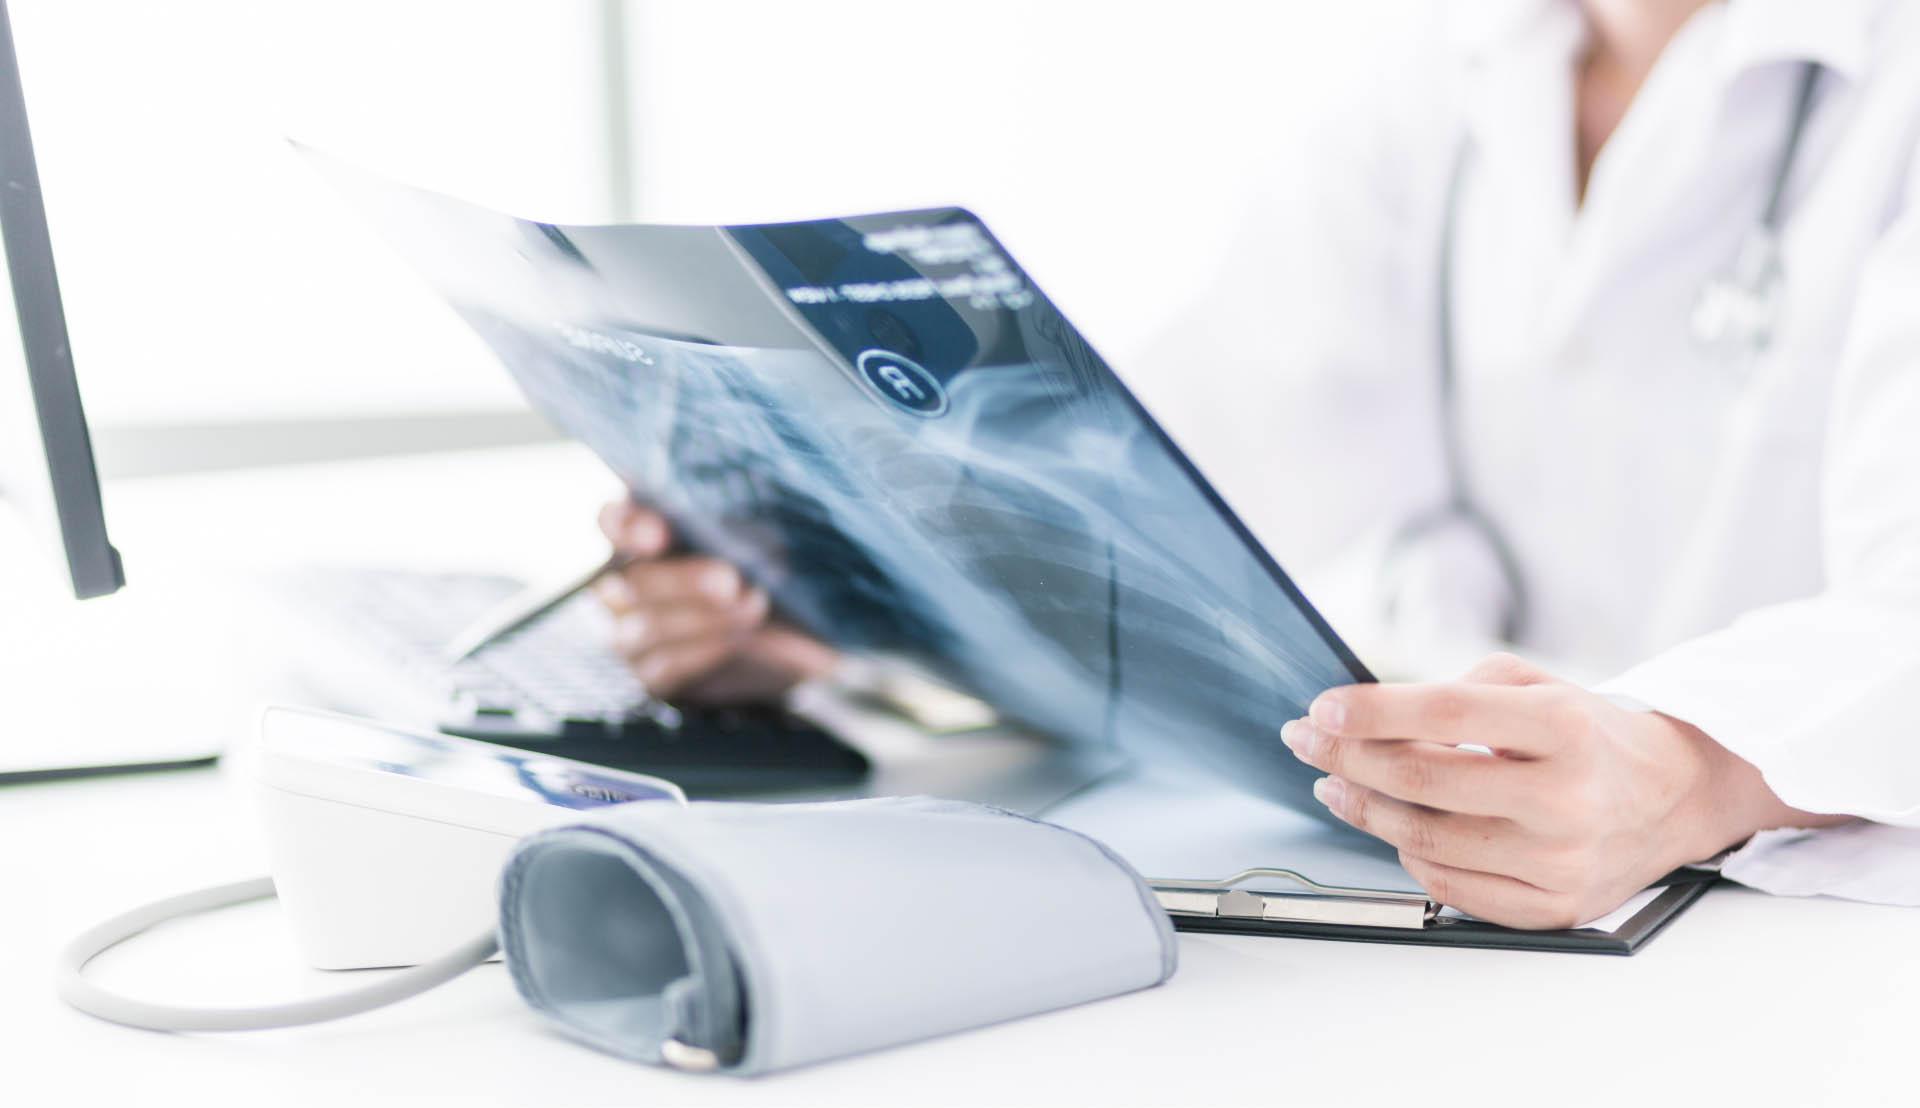 06_Diagnostica per immagini Progetto salute Forlimpopoli Dipartimenti